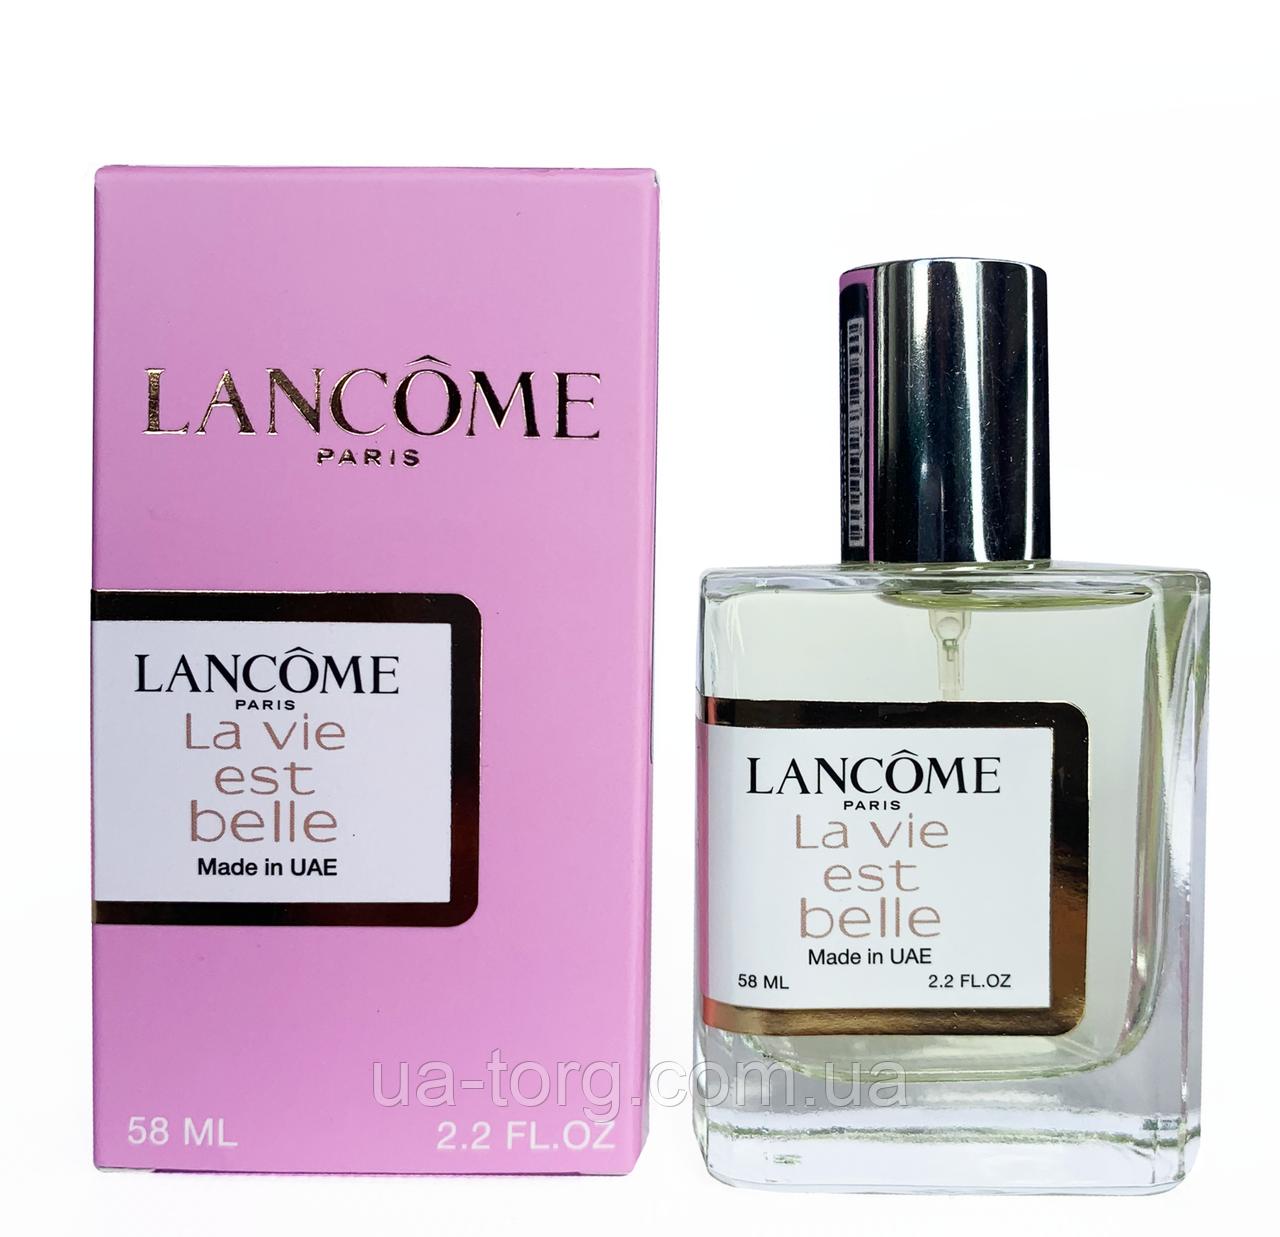 Lancome La Vie Est Belle Perfume Newly женский, 58 мл